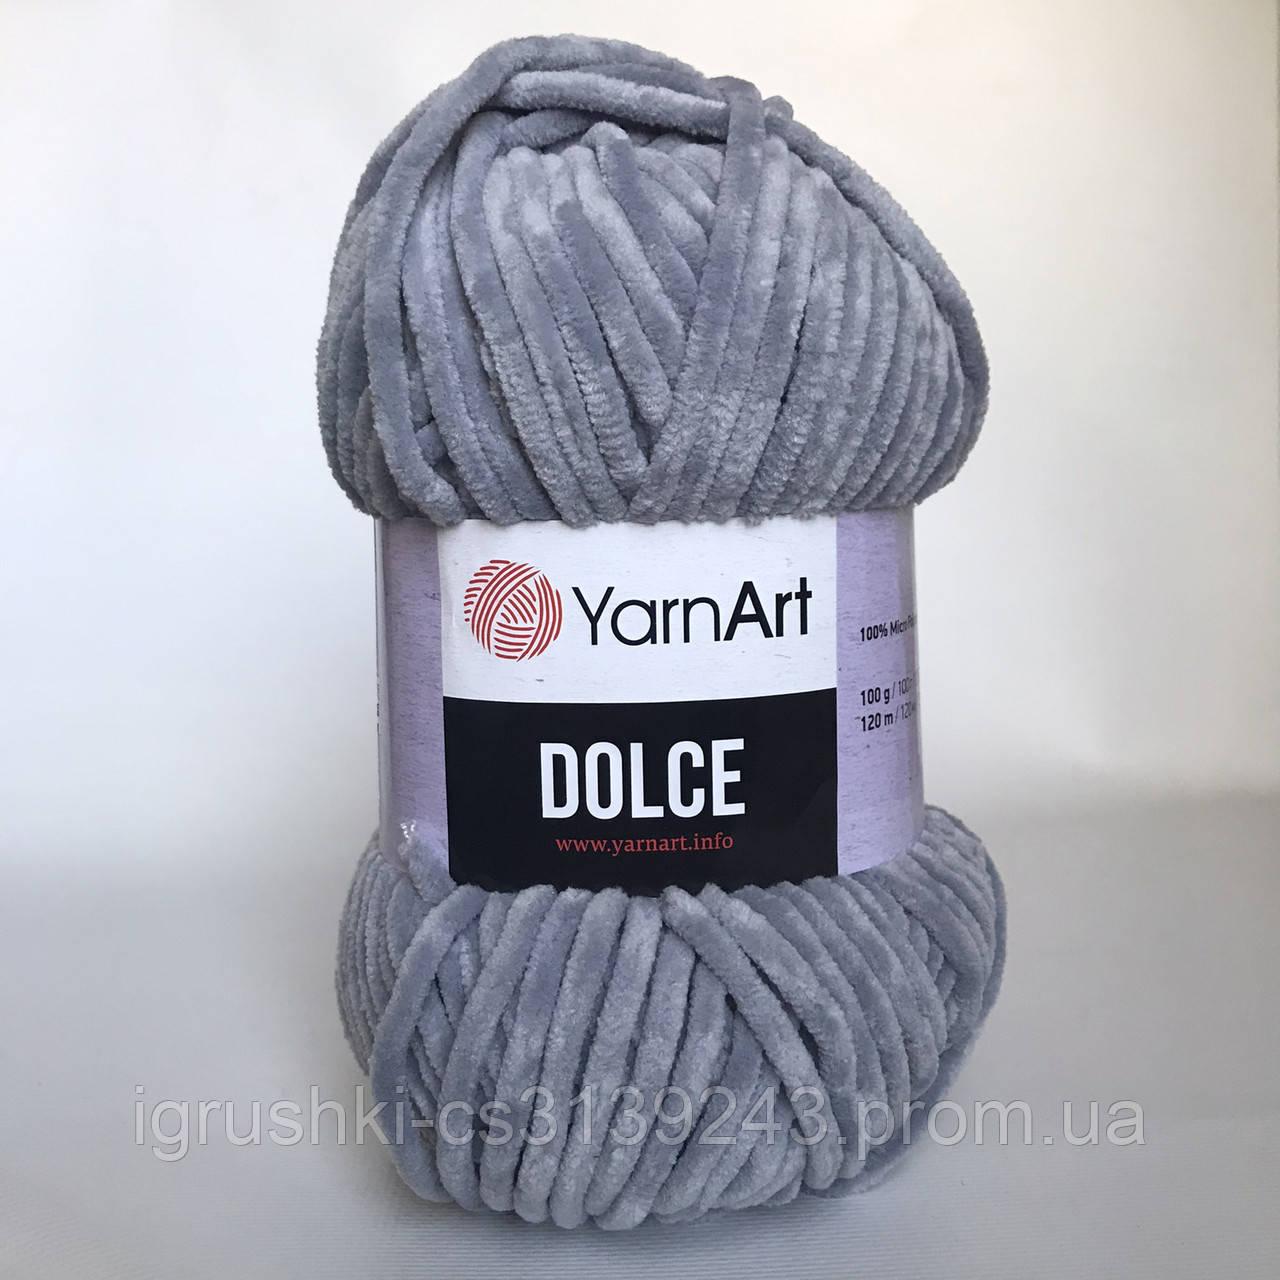 Плюшевая пряжа YarnArt Dolce 782 (ЯрнАрт Дольче) Серый